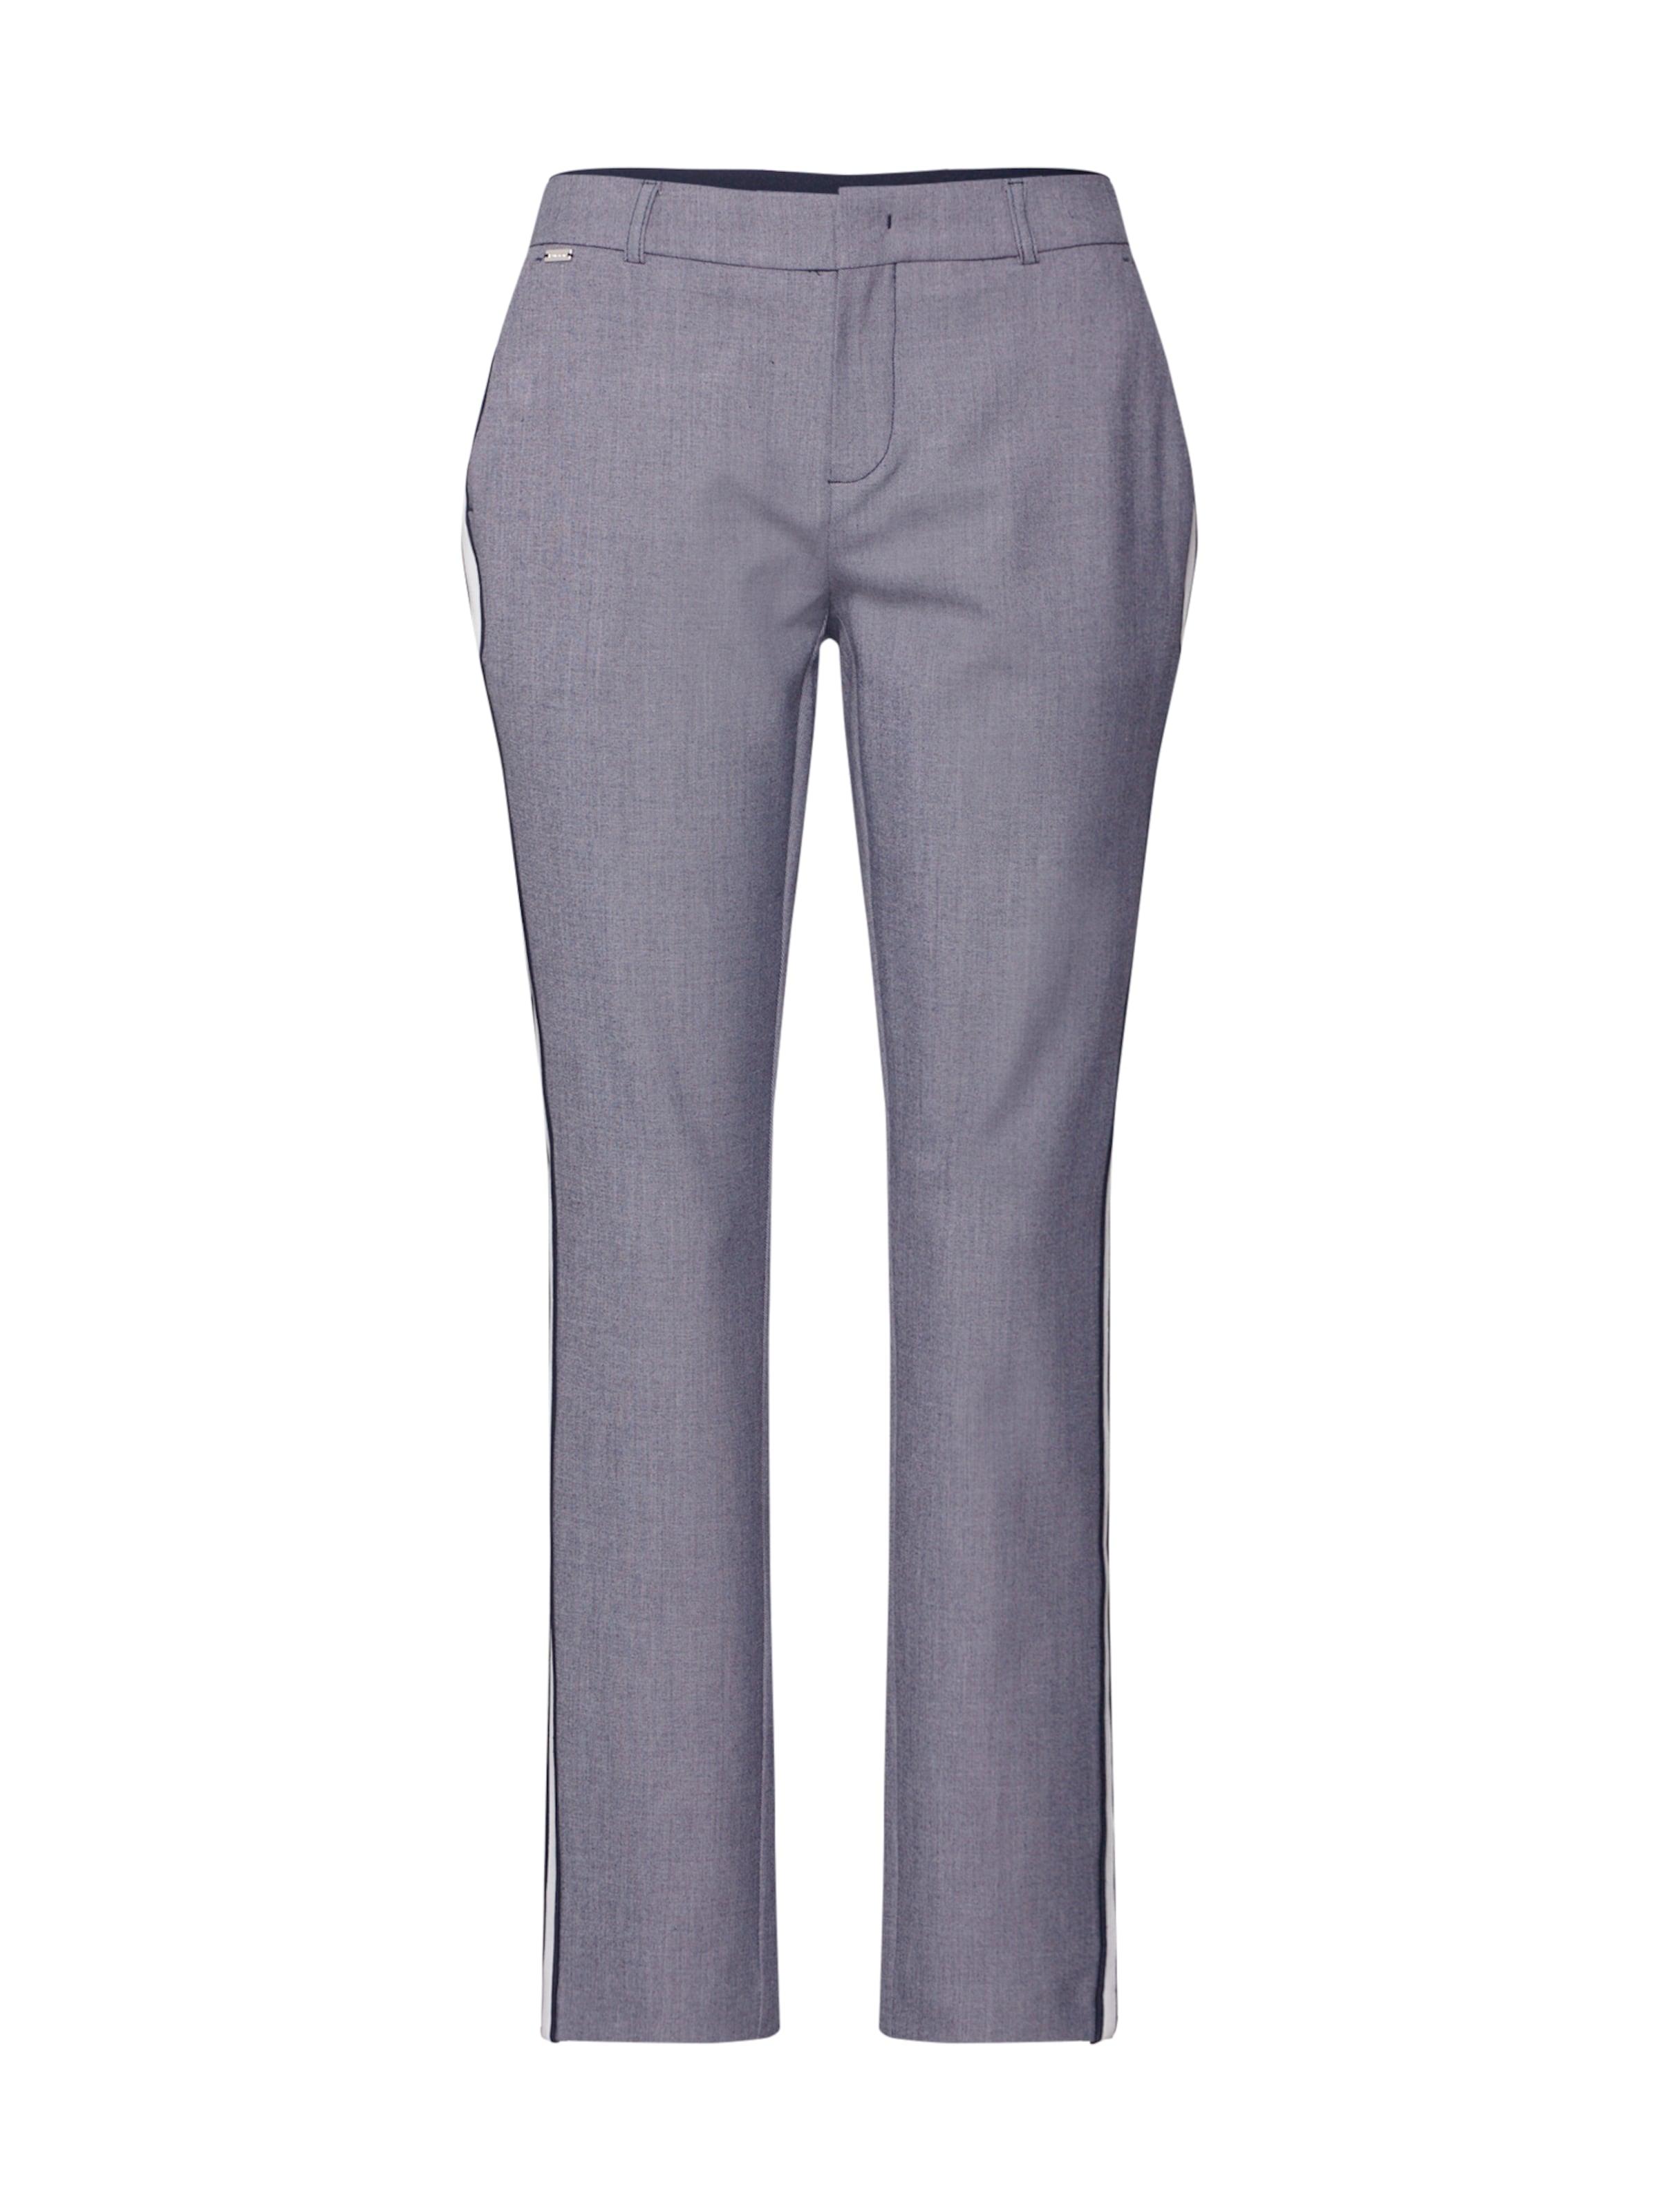 Chambrey' FuméBlanc Pantalon 'jacky Bleu One Street En qUzMpVjLSG